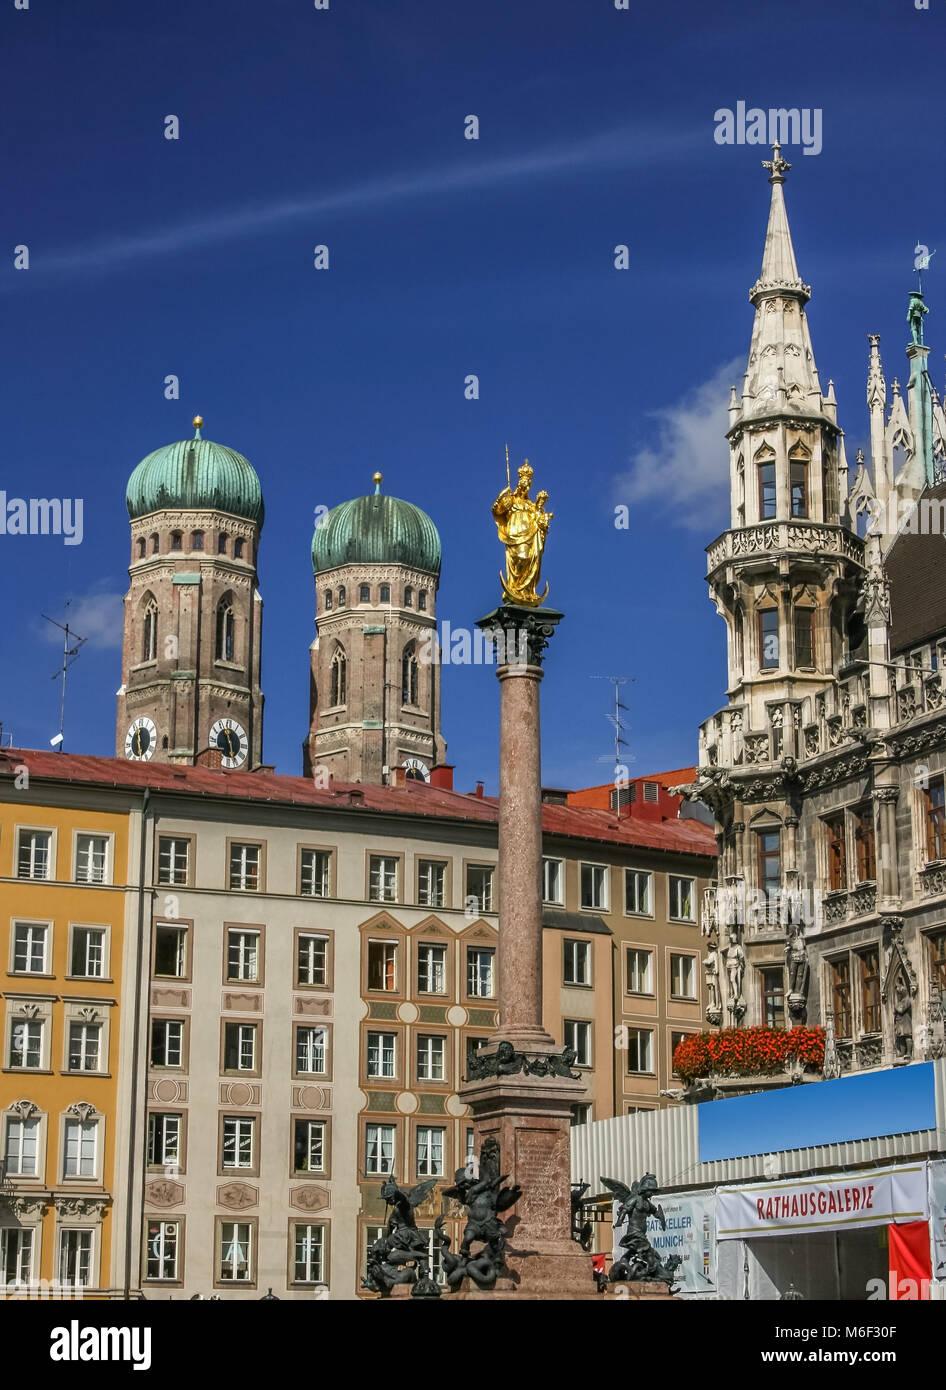 Centrale di piazza Marienplatz a Monaco di Baviera Germania Immagini Stock